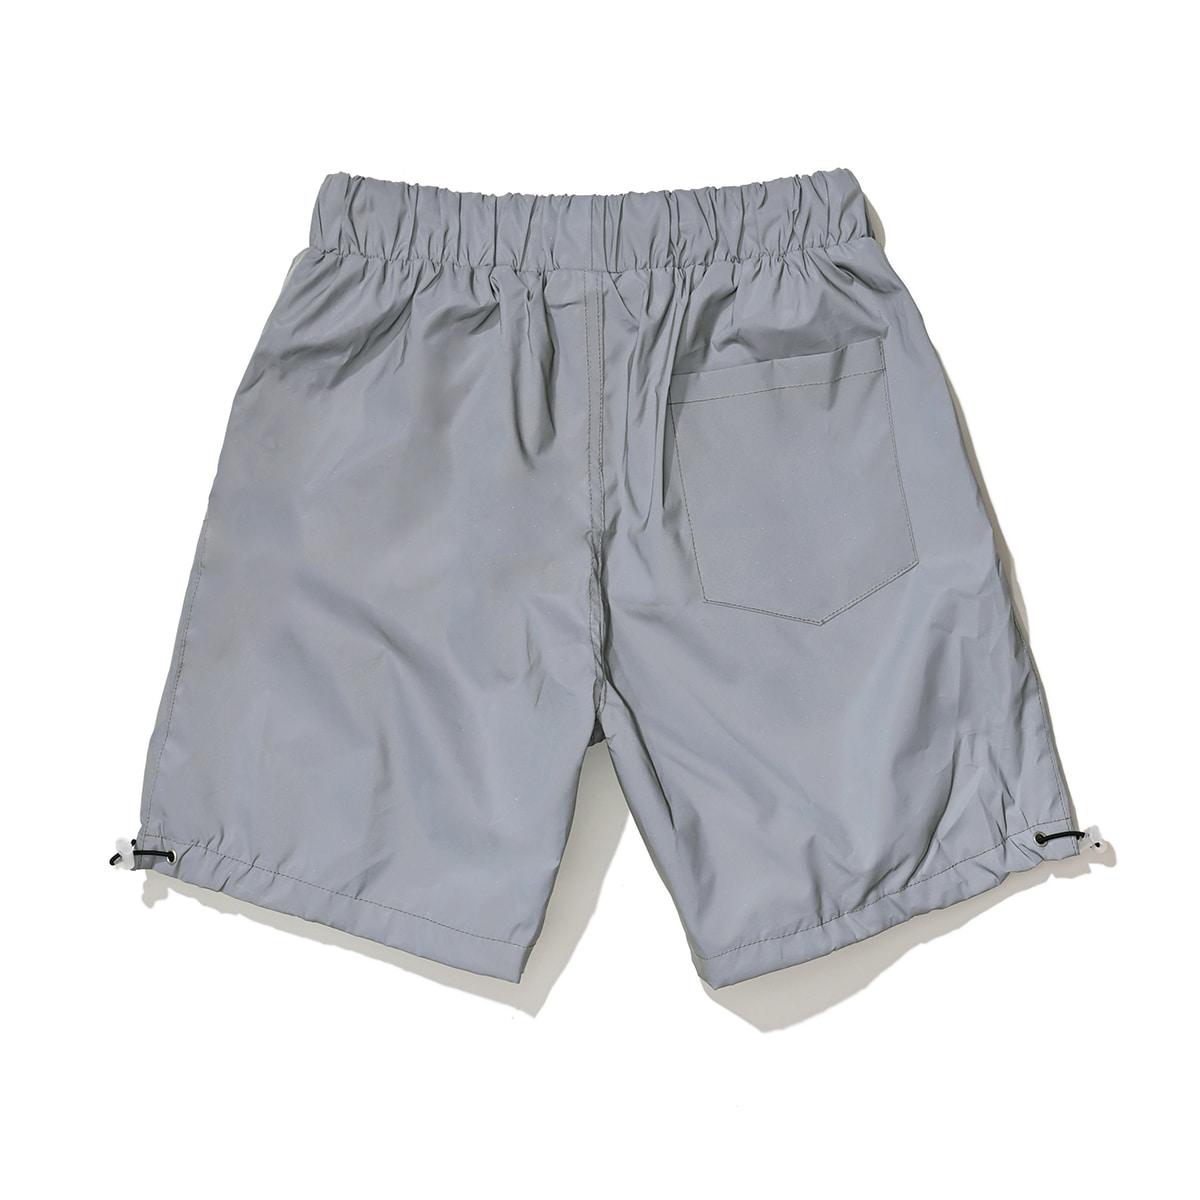 3M Reflective String Shorts (gray)